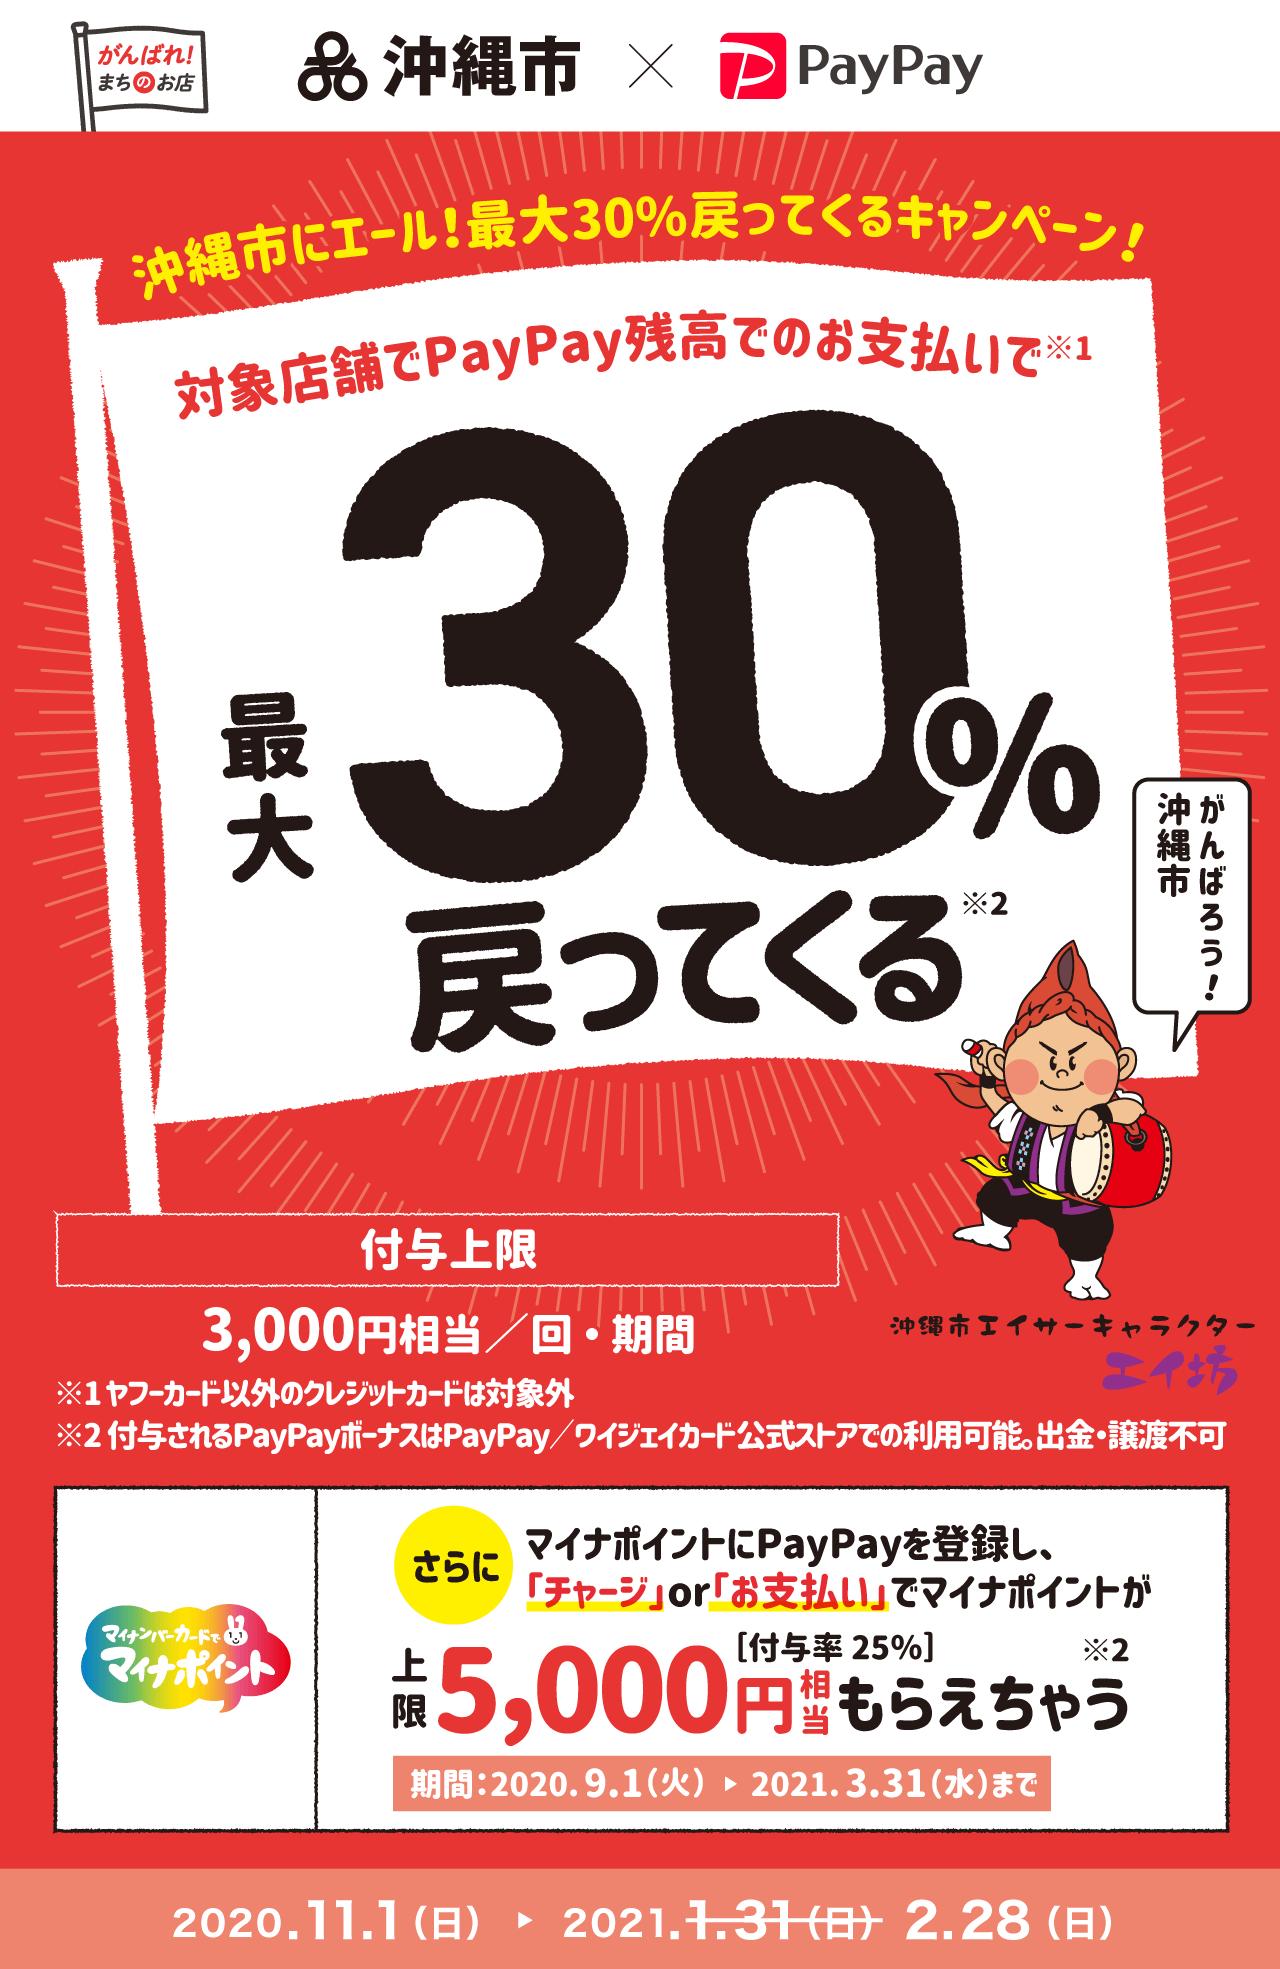 沖縄市にエール!最大30%戻ってくるキャンペーン! 対象店舗でPayPay残高でのお支払いで最大30%戻ってくる